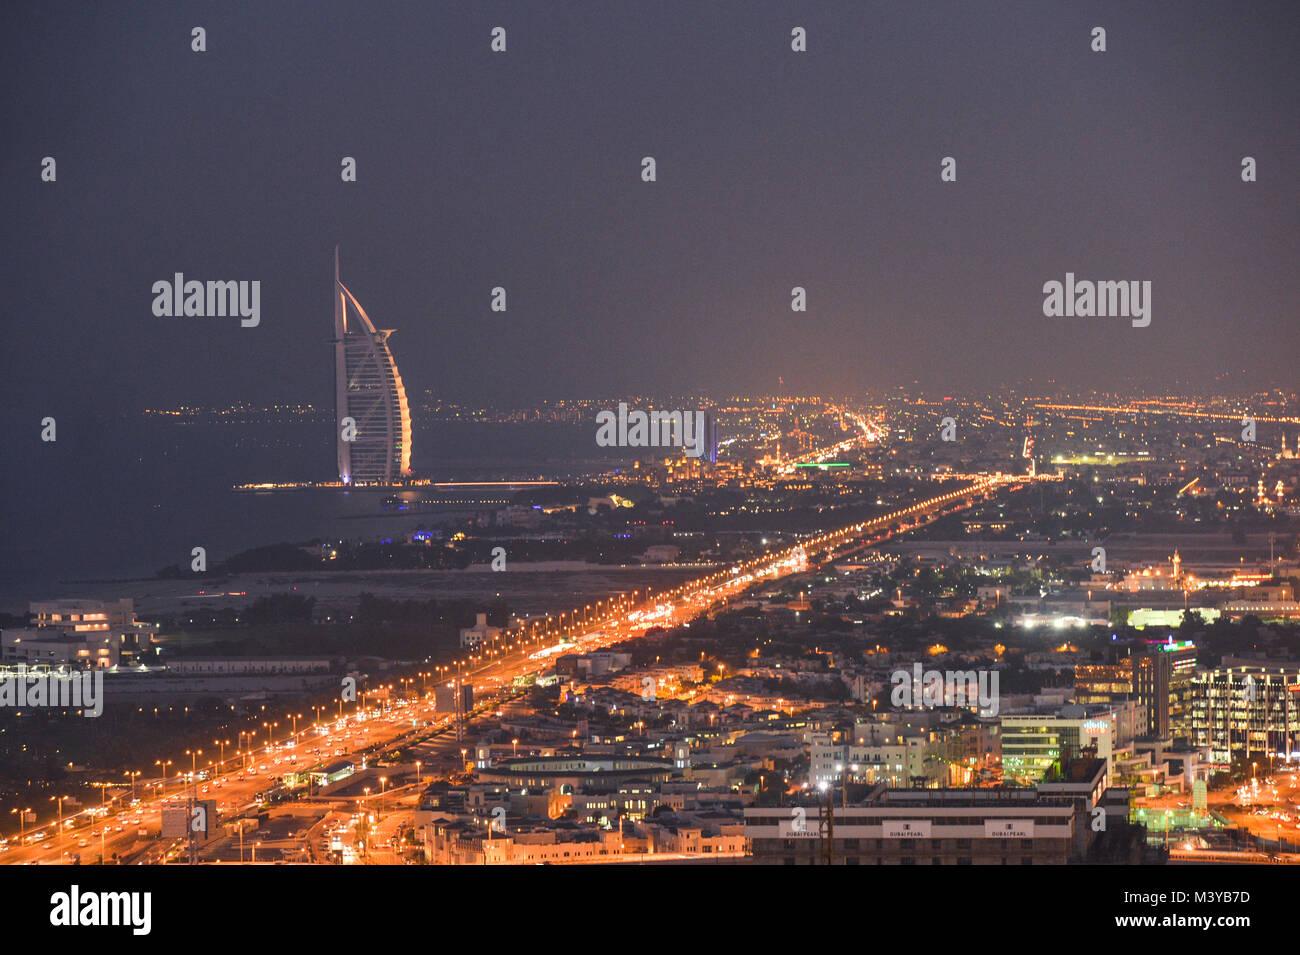 Dubai, UAE. 11th Feb, 2018. DUBAI, UAE - FEBRUARY 11, 2018. A panoramic view of Dubai at night.  Credit: ASWphoto/Alamy - Stock Image